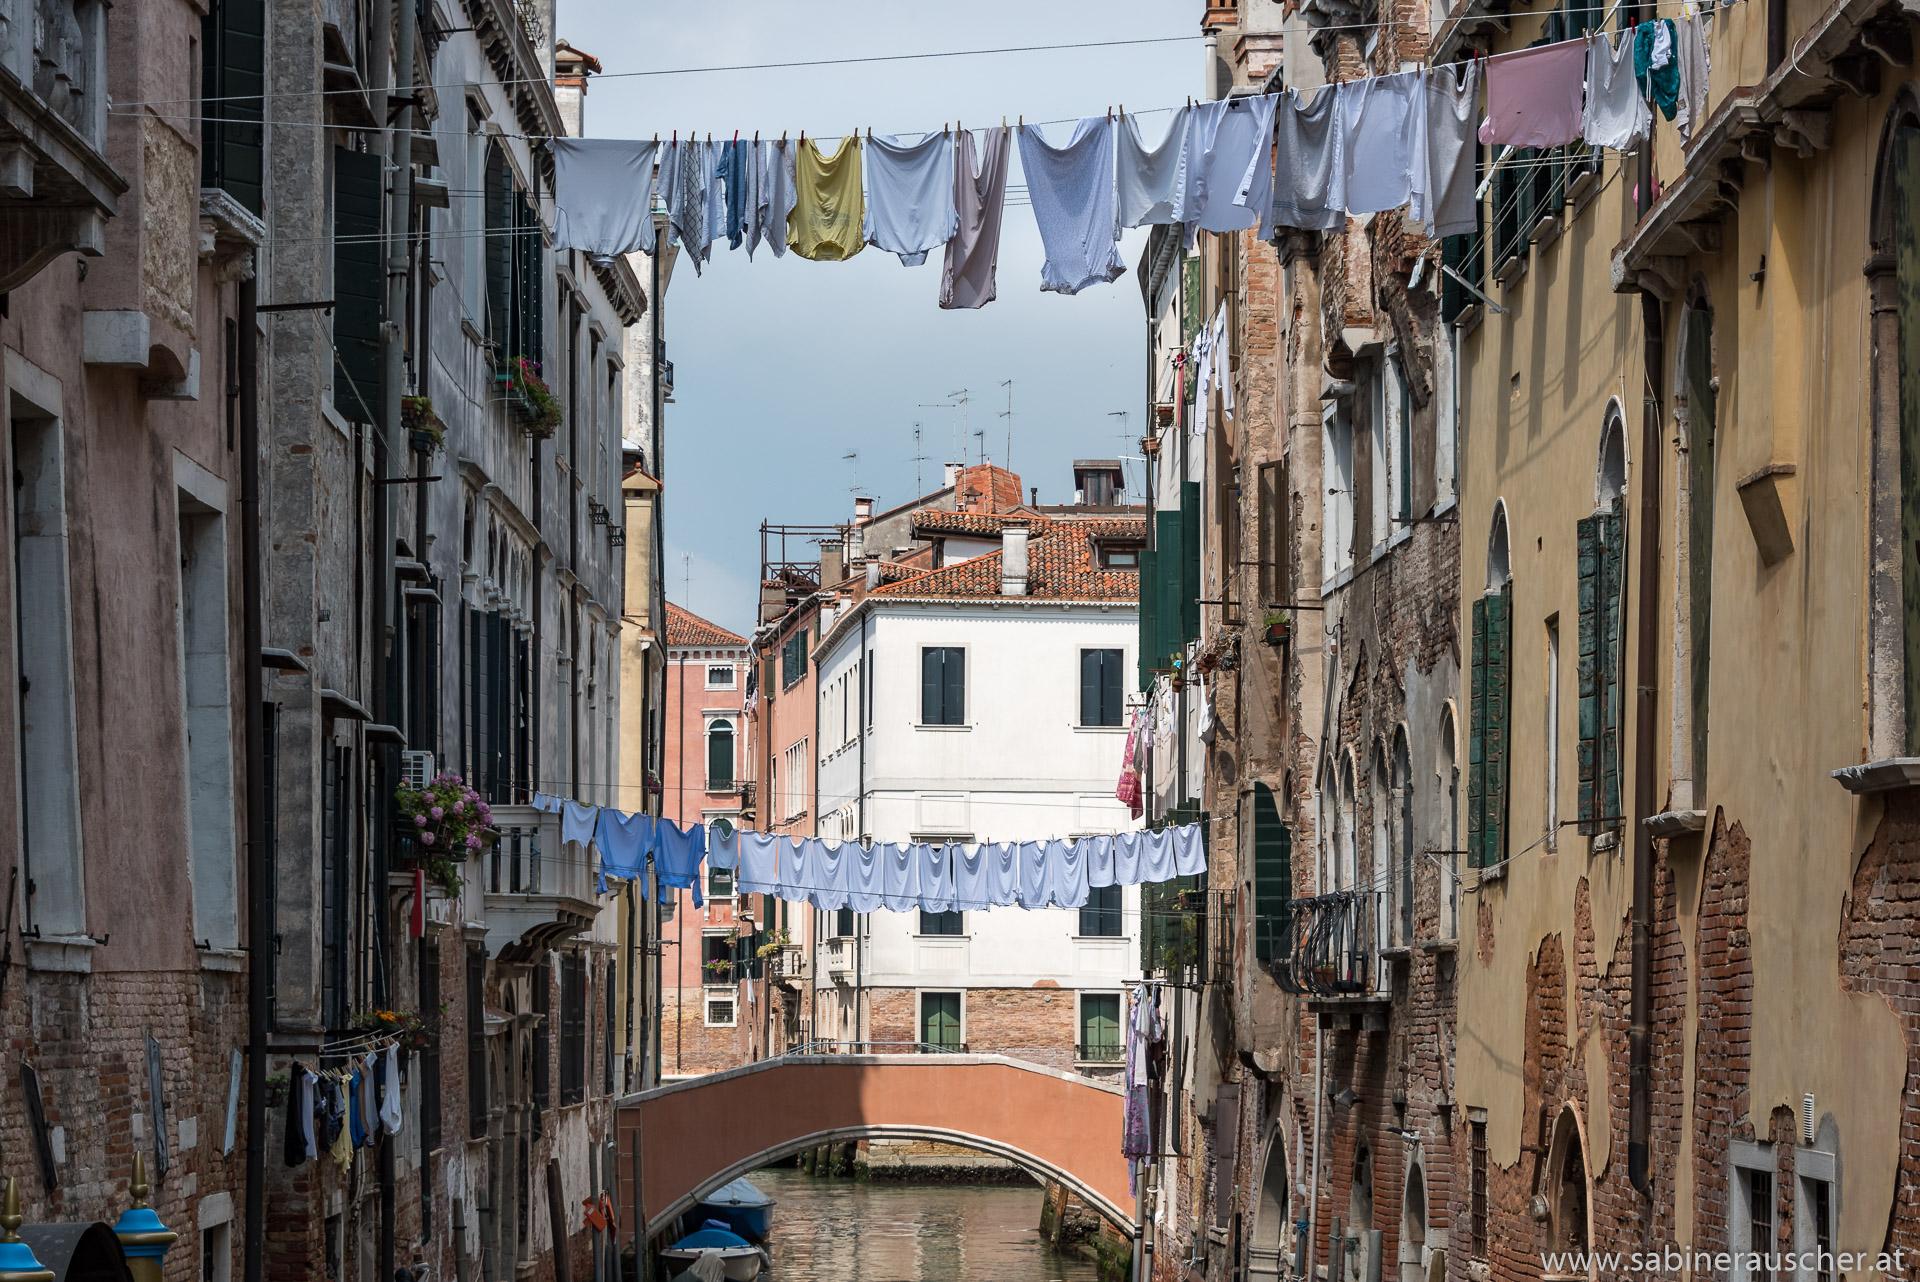 Venice - bridges made of stone and laundry | Venedig - Steinbrücken und Wäscheleinen überspannen gleichermaßen die Kanäle